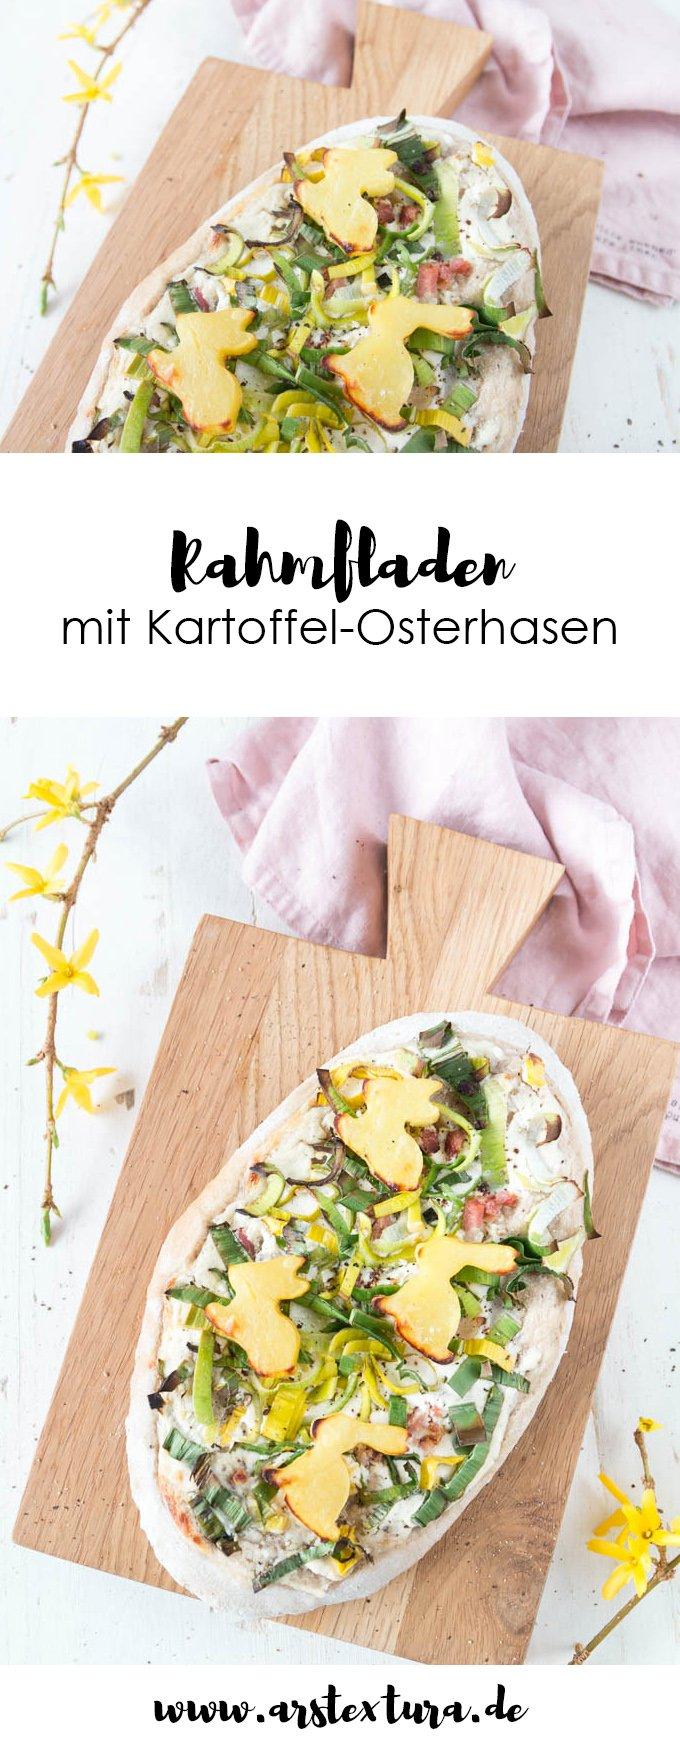 Ostern Rezepte: Rahmfladen mit Kartoffeln und Lauch mit Osterhasen - perfekt fürs Ostermenü | Dinnede Rezept | Dinnete selber machen